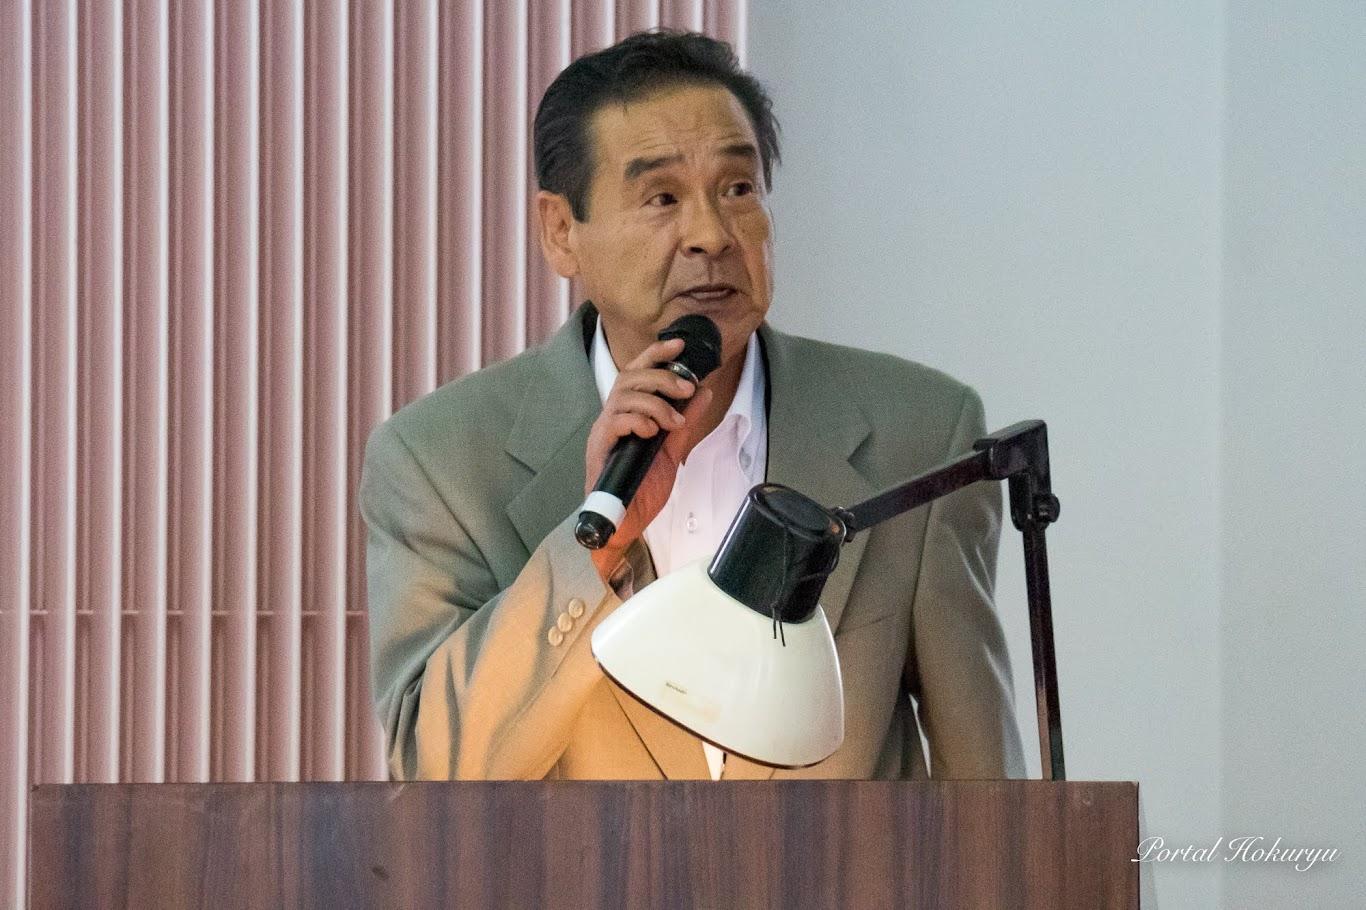 北竜町社会福祉協議会・善岡良雄 事務局長